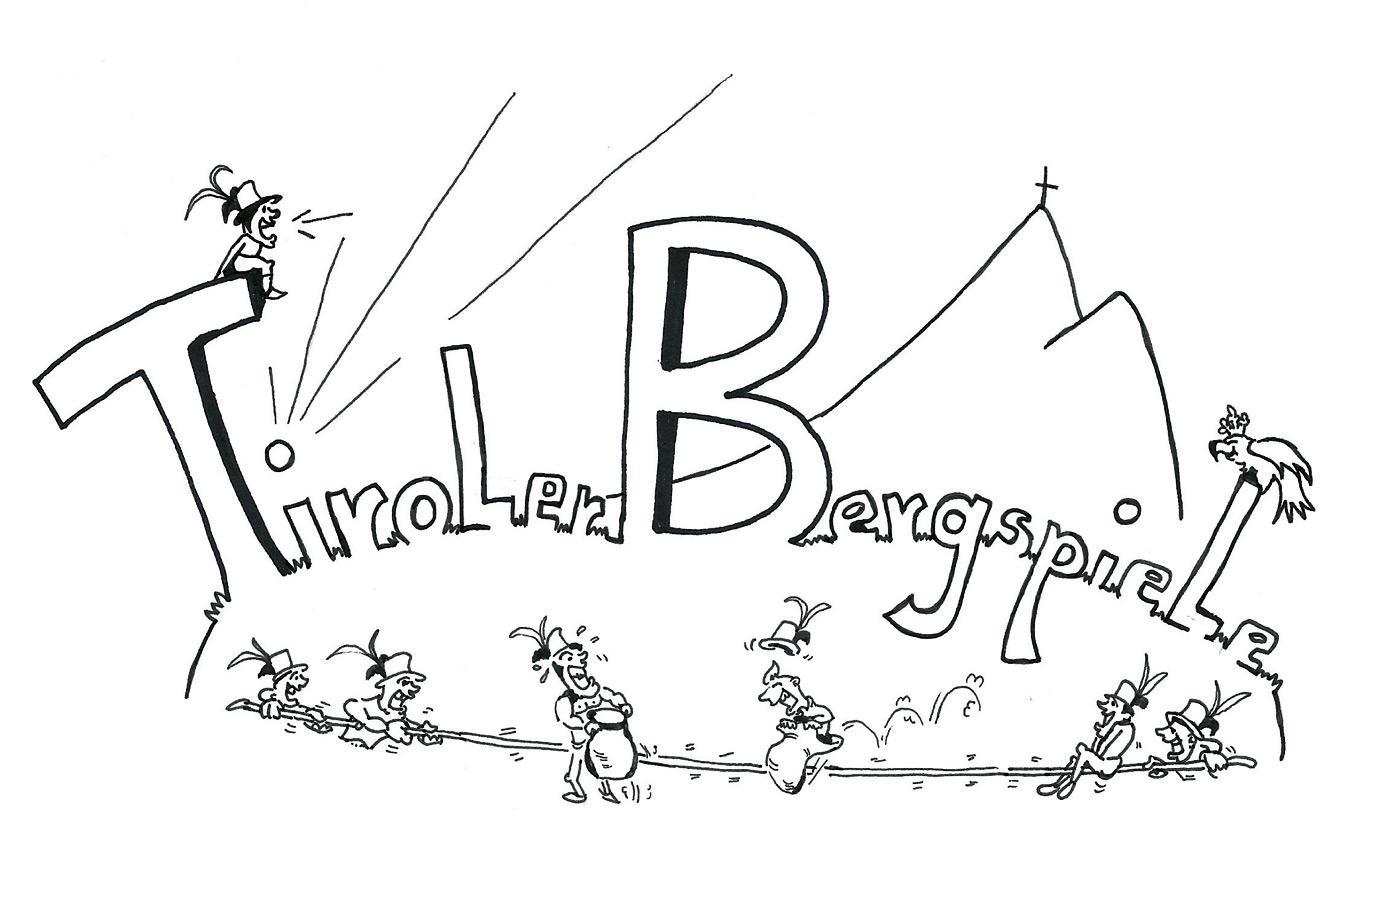 Tiroler Bergspiele am 21. Juli in Gfrill